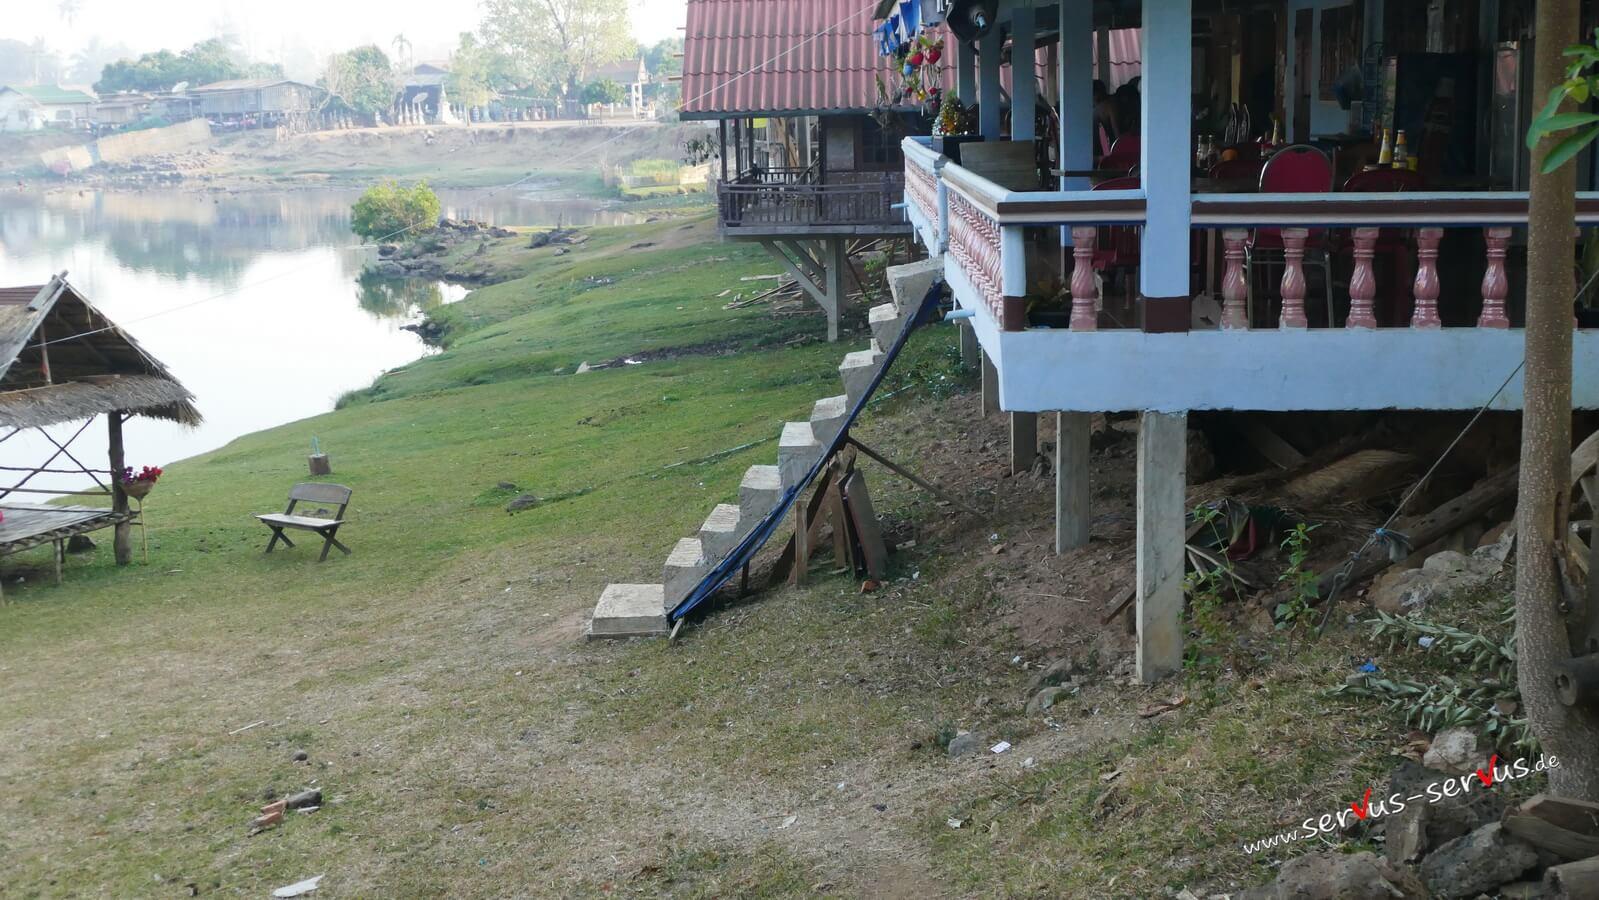 abenteuerliche Treppe in Tad Lo, Laos, Bolavenplateau